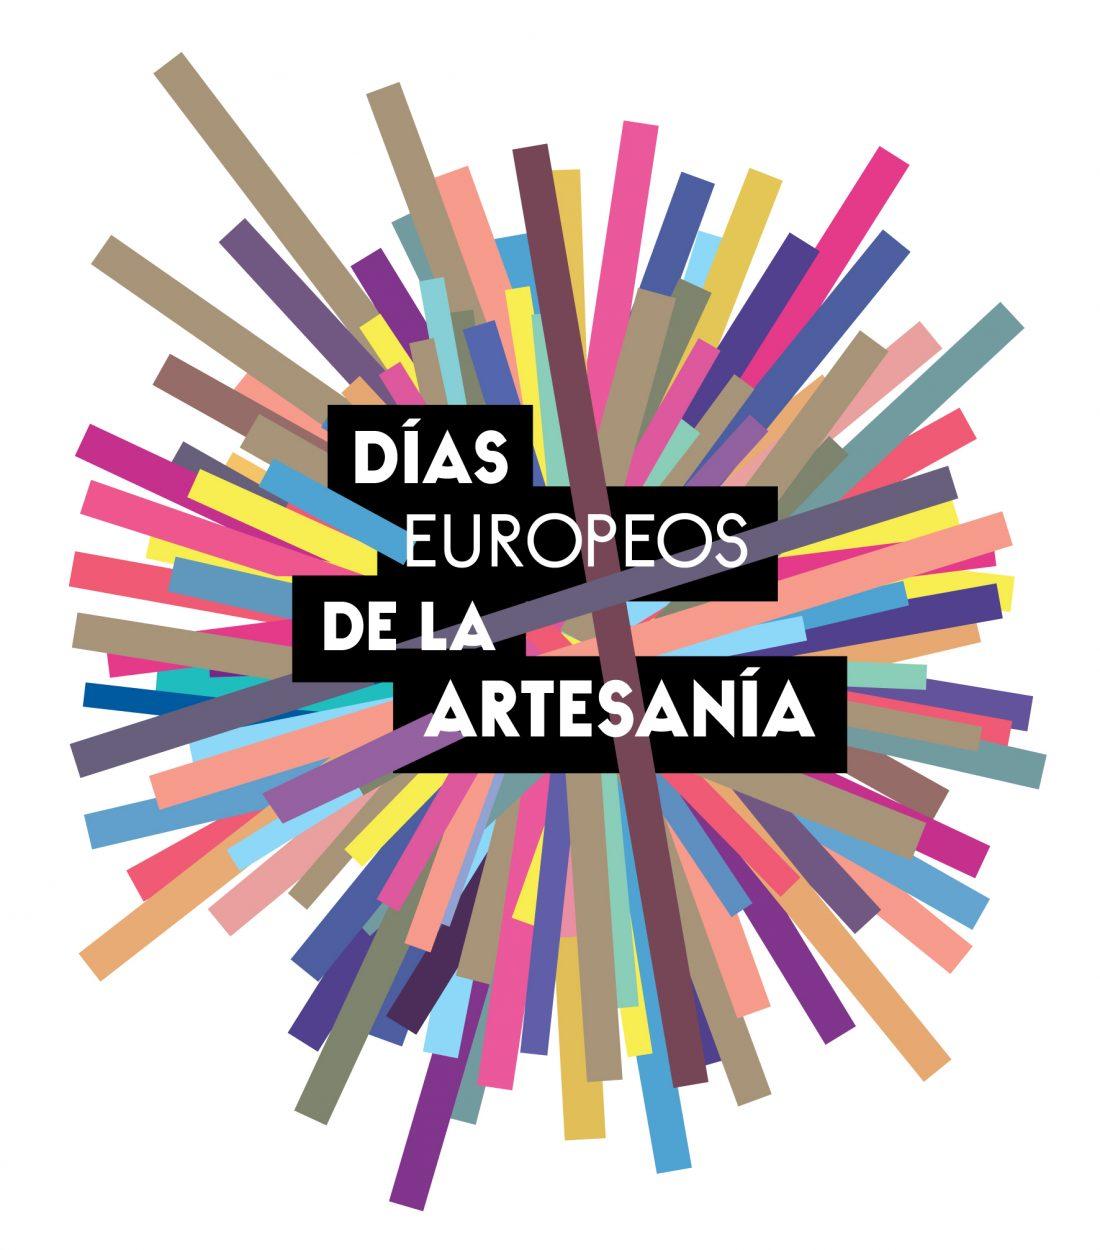 días Europeos de la Artesania